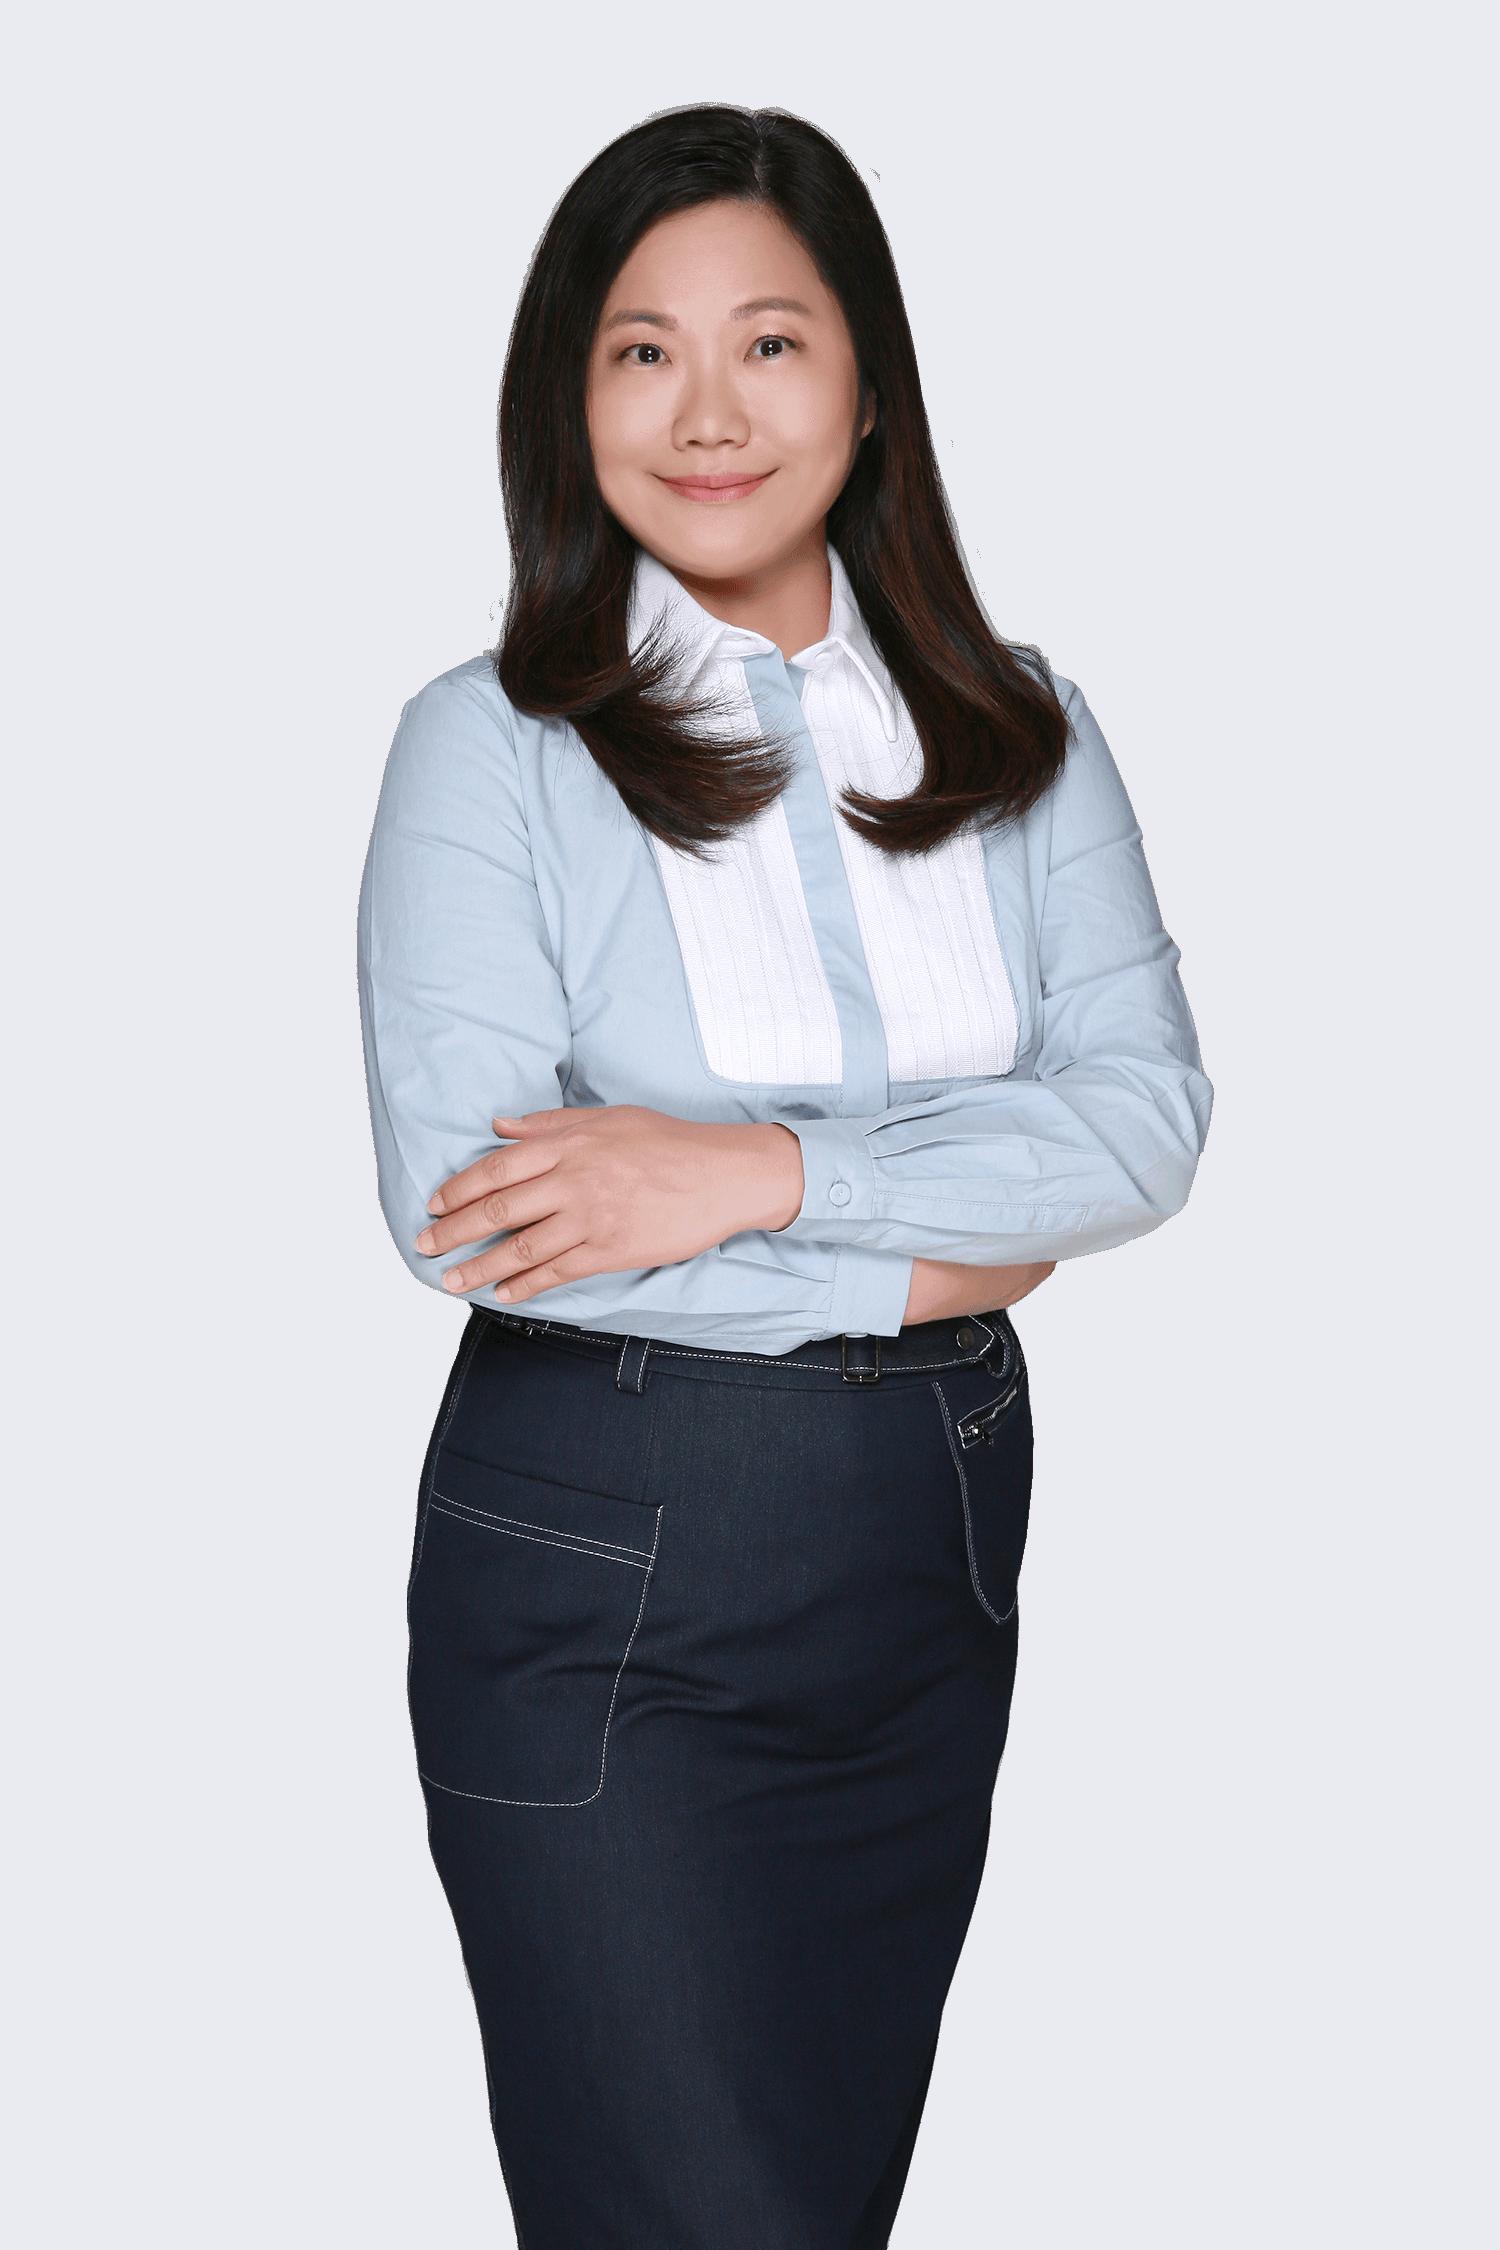 Dr Linda Ng a family physician at Lifescan Medical Centre